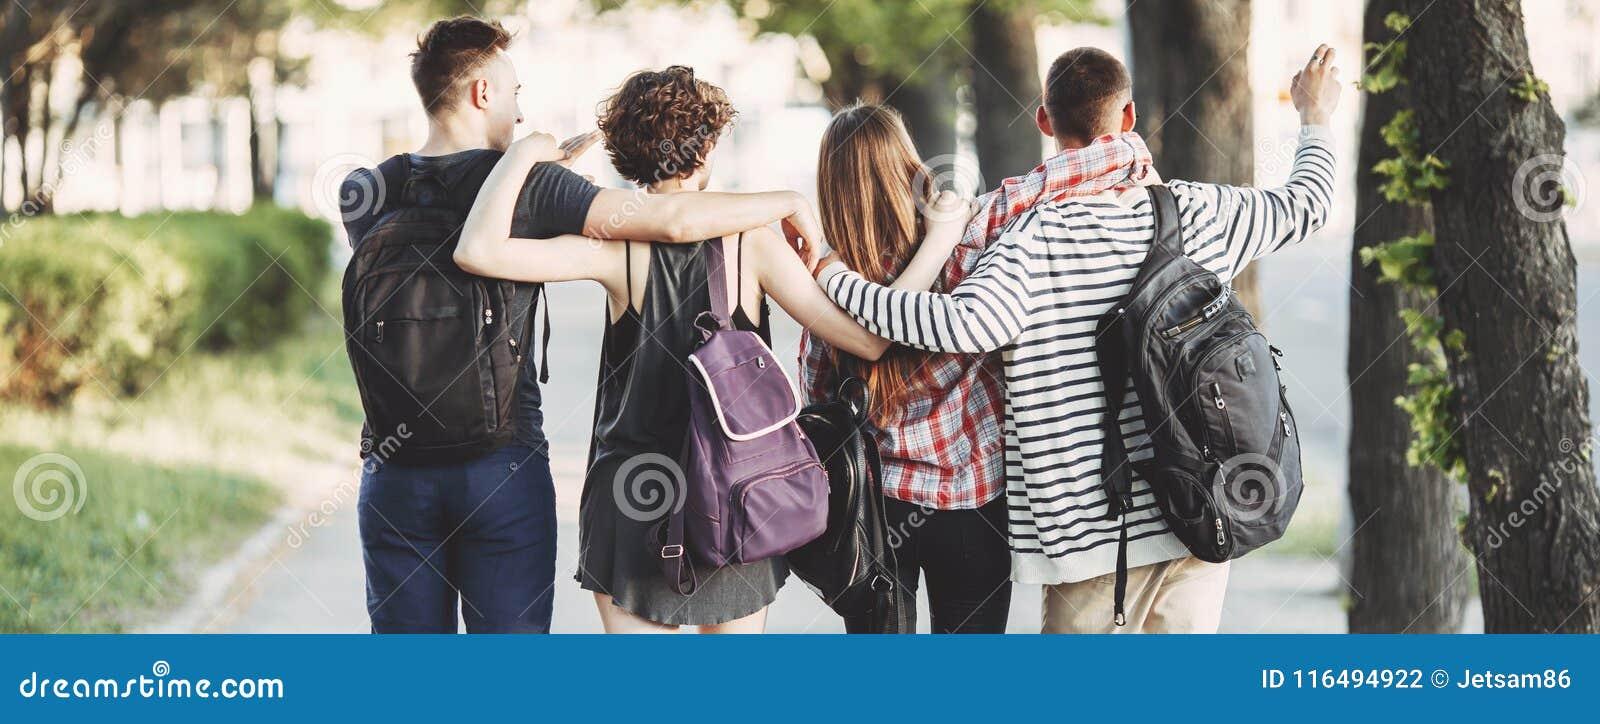 Przyjaciele ściska chodzić w mieście z plecakami